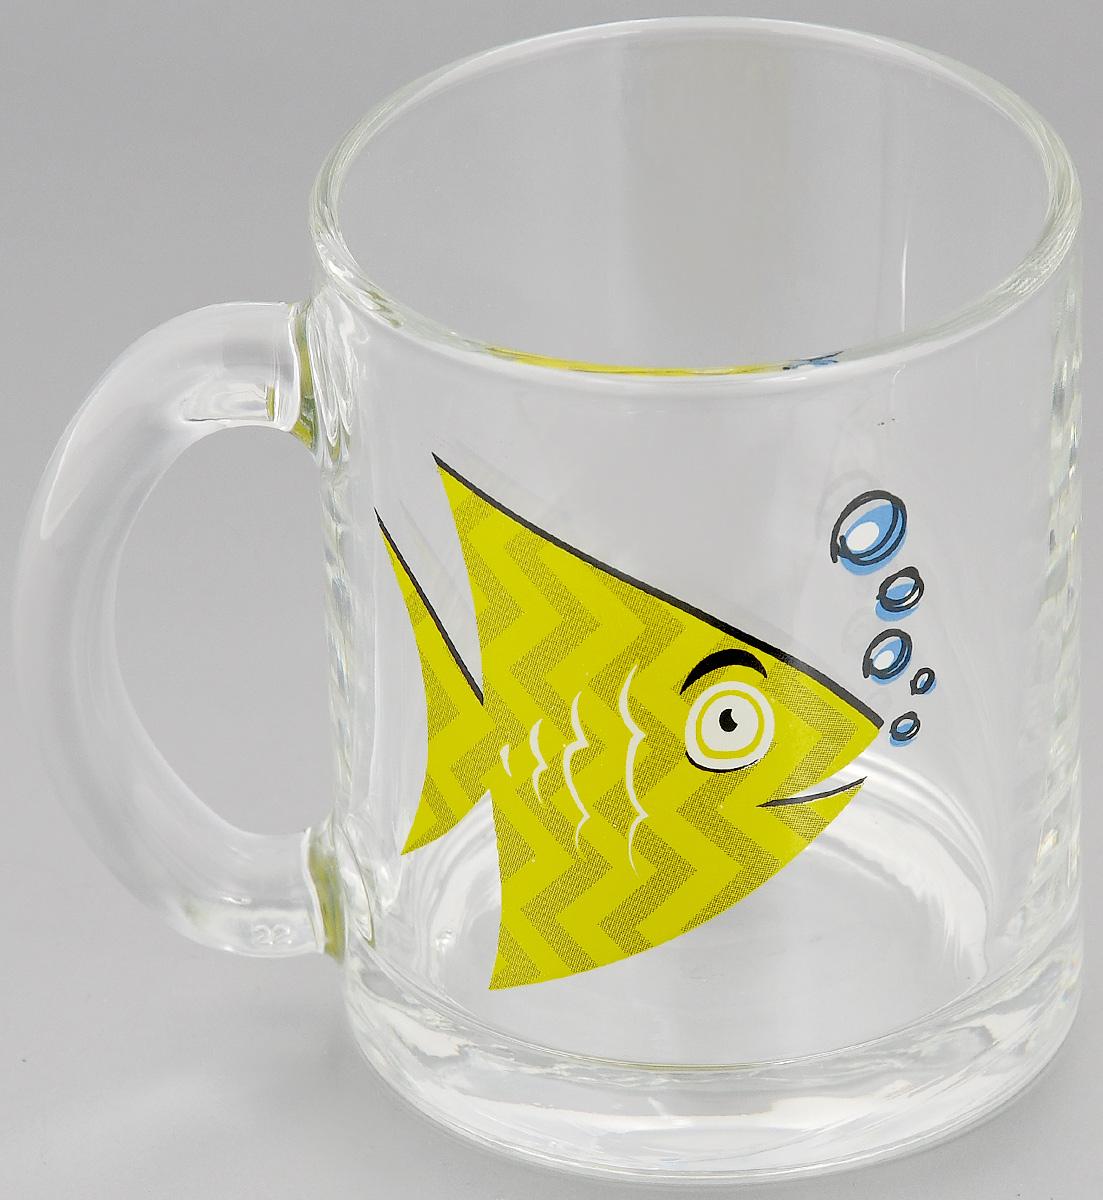 Кружка OSZ Рыбки, цвет: прозрачный, желтый, 320 мл04С1208 ДЗ РЫБКИ_желтая рыбкаКружка OSZ Рыбки изготовлена из стекла и украшена красочным рисунком. Изделие оснащено удобной ручкой и сочетает в себе оригинальный дизайн и функциональность. Кружка OSZ Рыбки не только украсит ваш кухонный стол, но подчеркнет прекрасный вкус хозяйки. Диаметр кружки (по верхнему краю): 7,7 см. Диаметр основания: 8 см. Высота кружки: 9,7 см. Объем кружки: 320 мл.